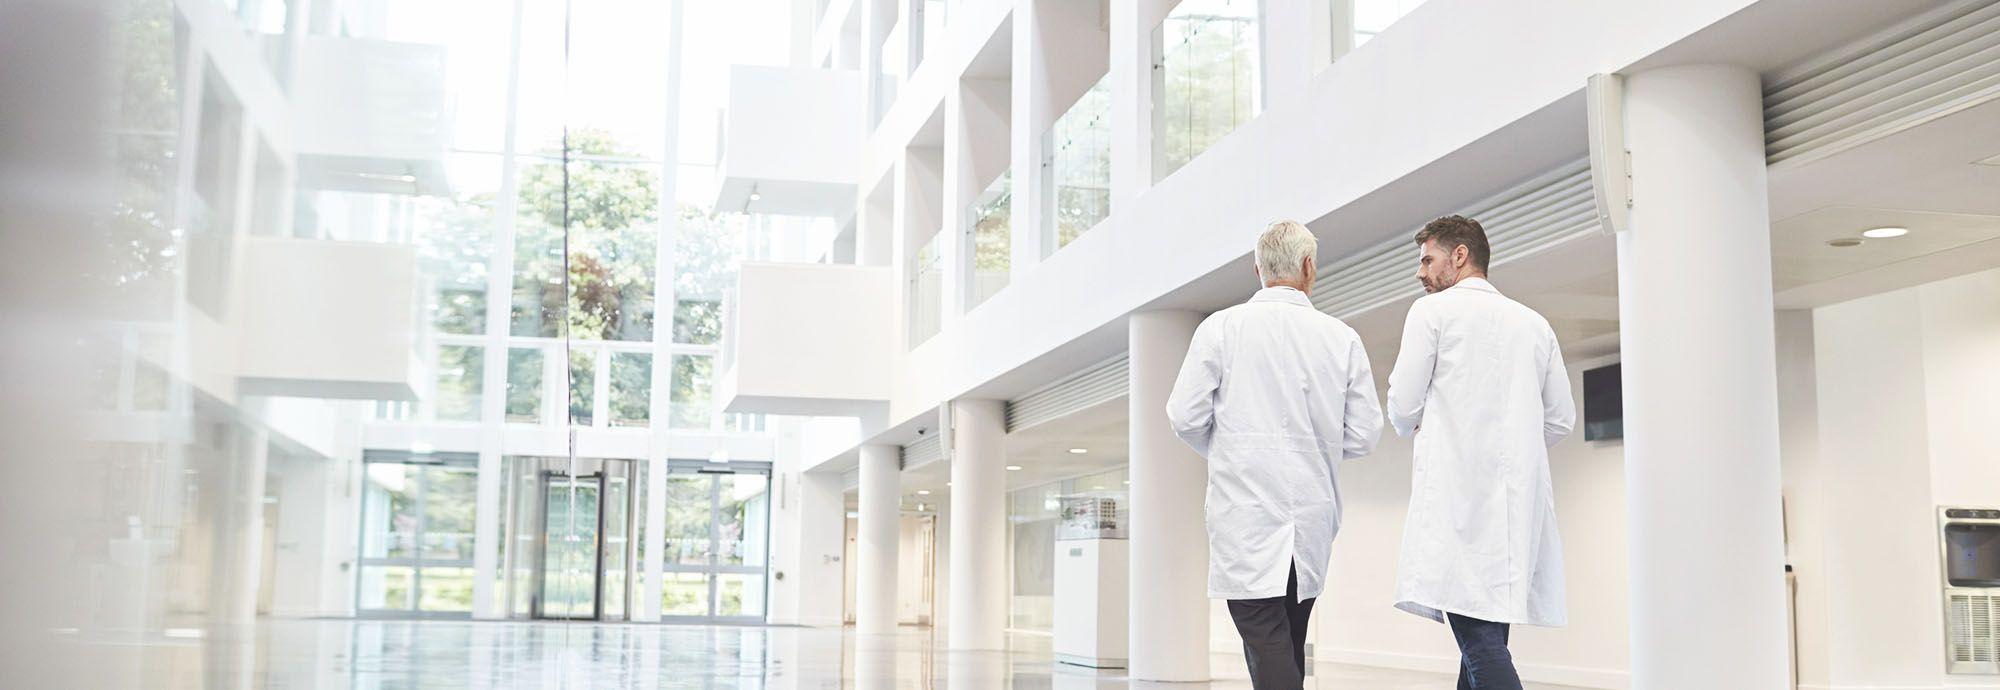 coperture assicurative grandi ospedali